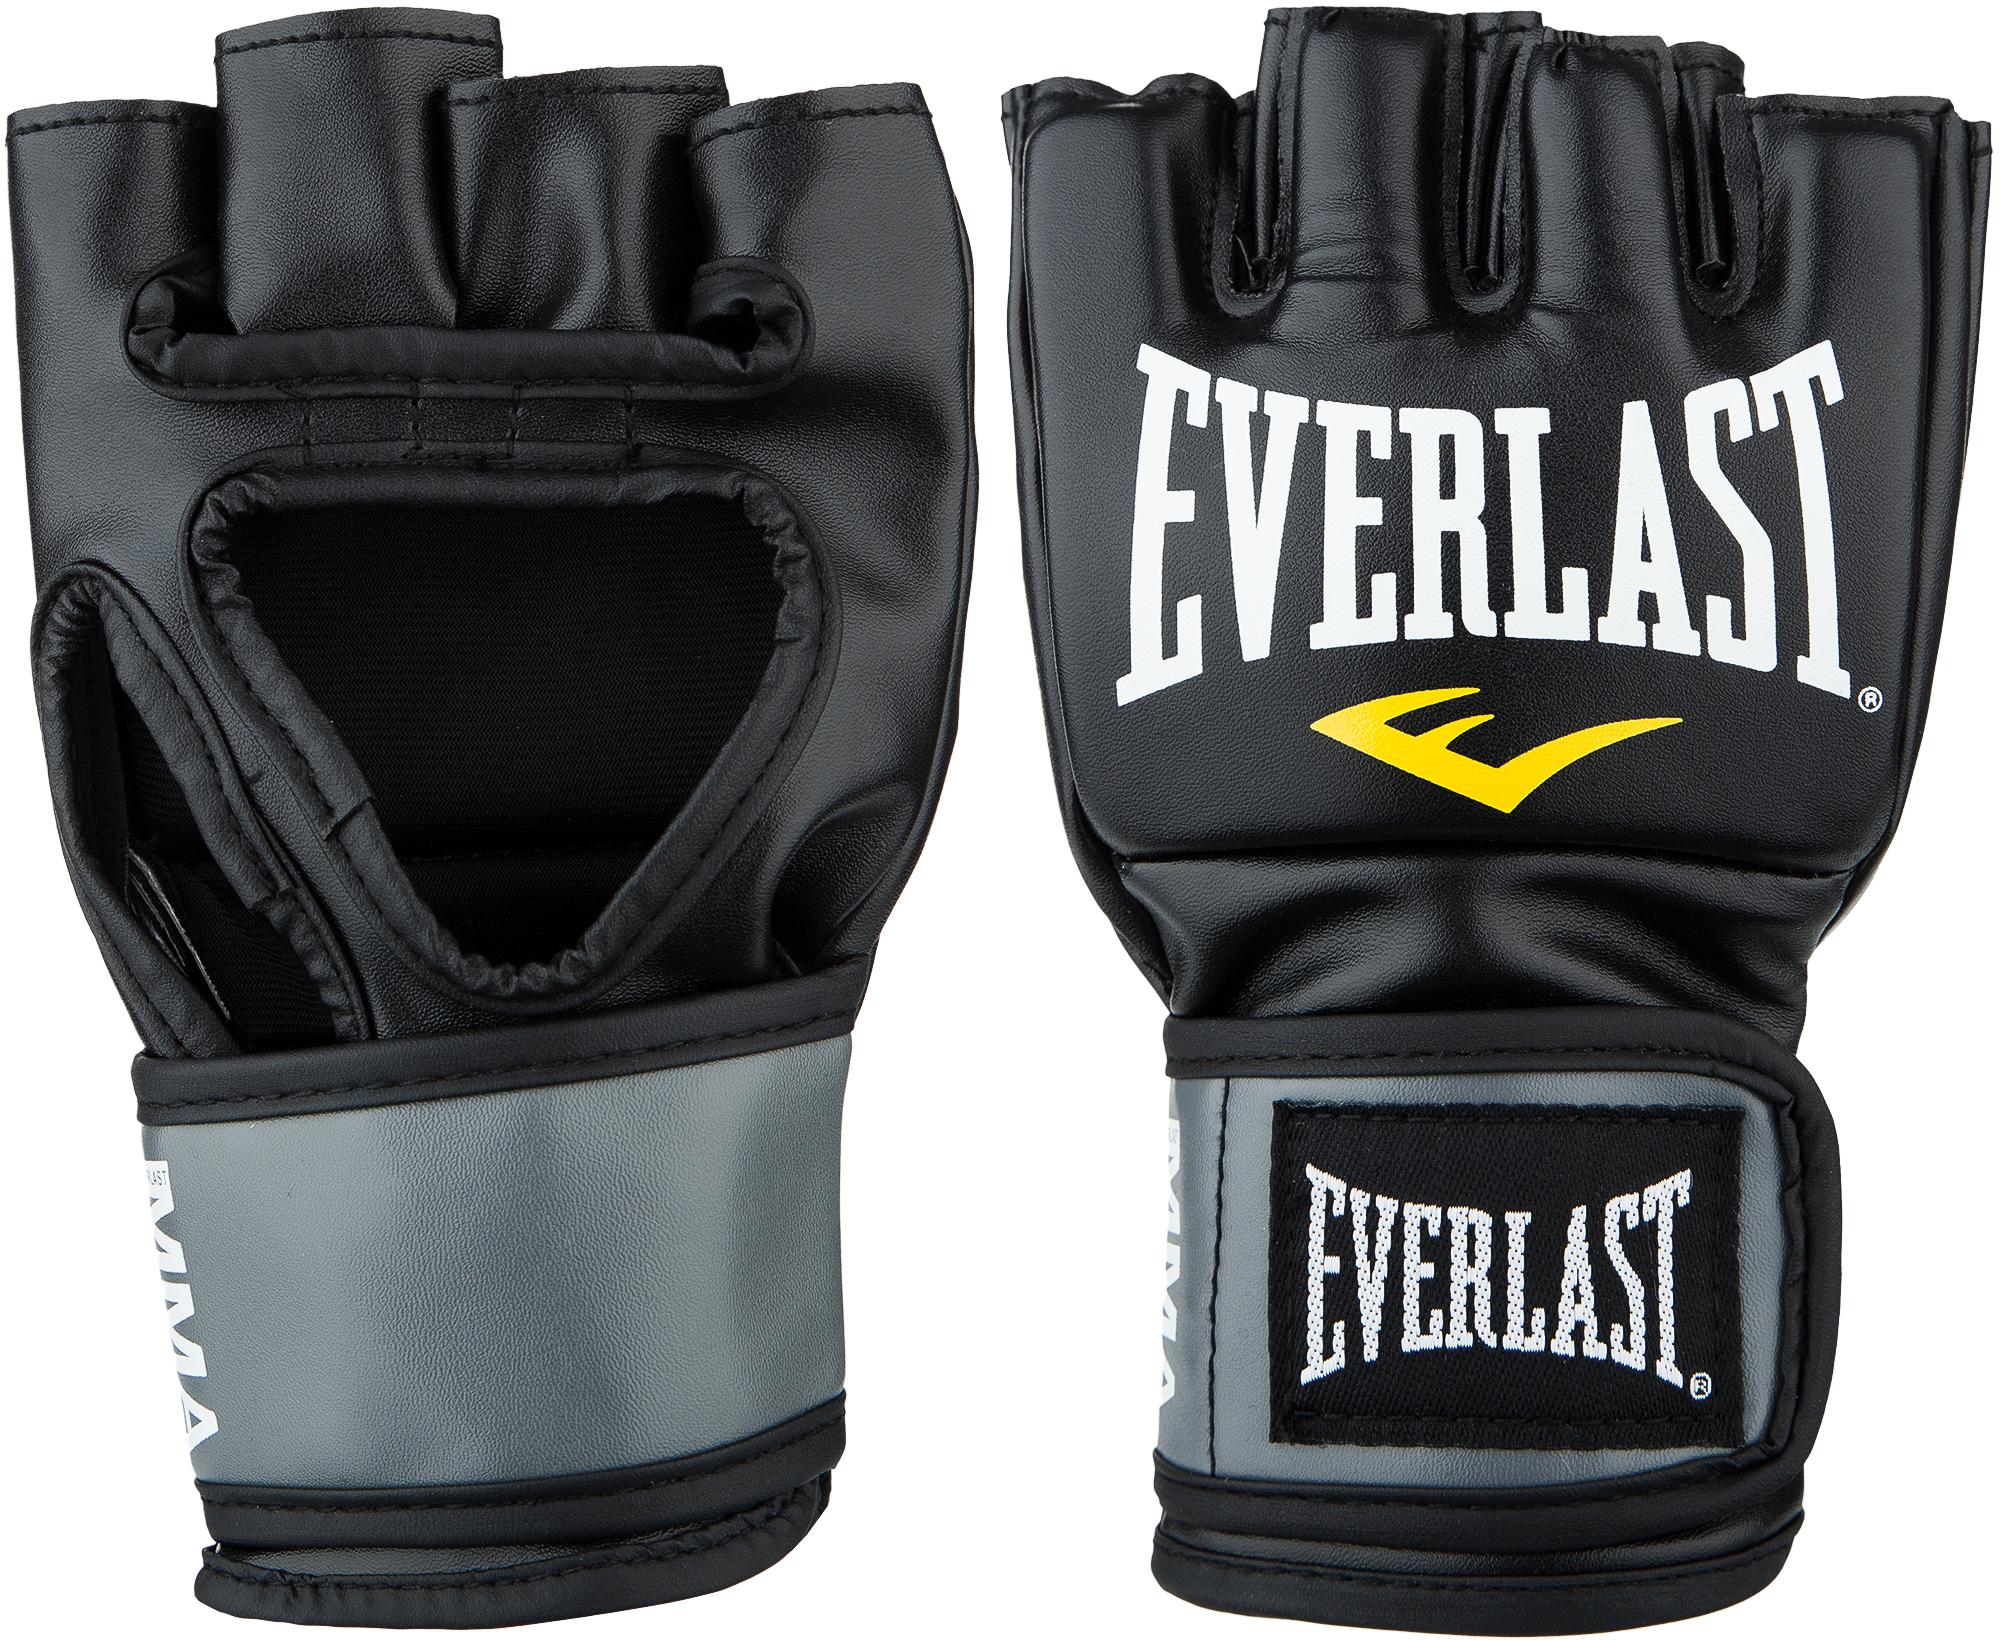 Everlast Шингарты тренировочные Everlast, размер 14-16